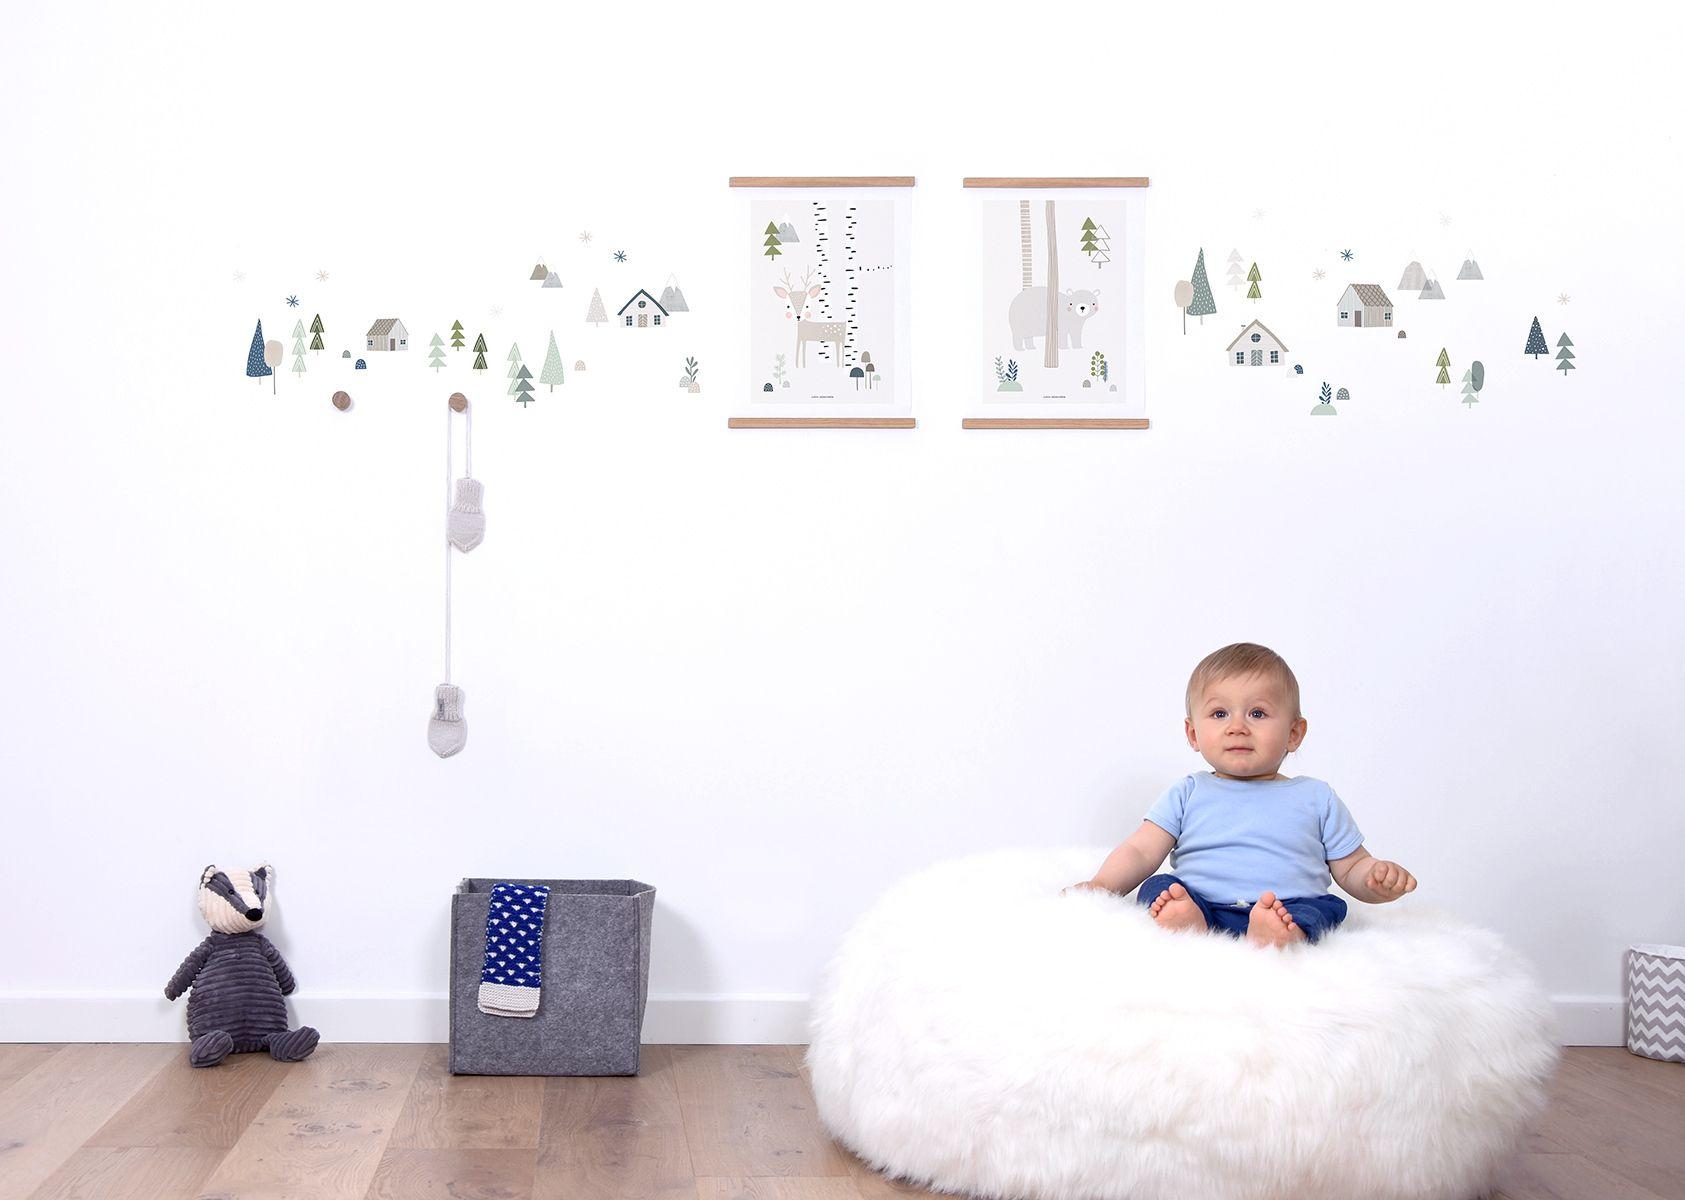 Subtilūs miško akcentai padės sukurti pasaką ant vaiko kambario sienų. 🌳🏡🦌🧸🌲 #sienulipdukai #lipdukaieu #miskas #pasaka #vaikokambarys #walldecals #decokids #babyroom #kidsroom #kidsdecor #childrenroom #walldecal #wallsticker